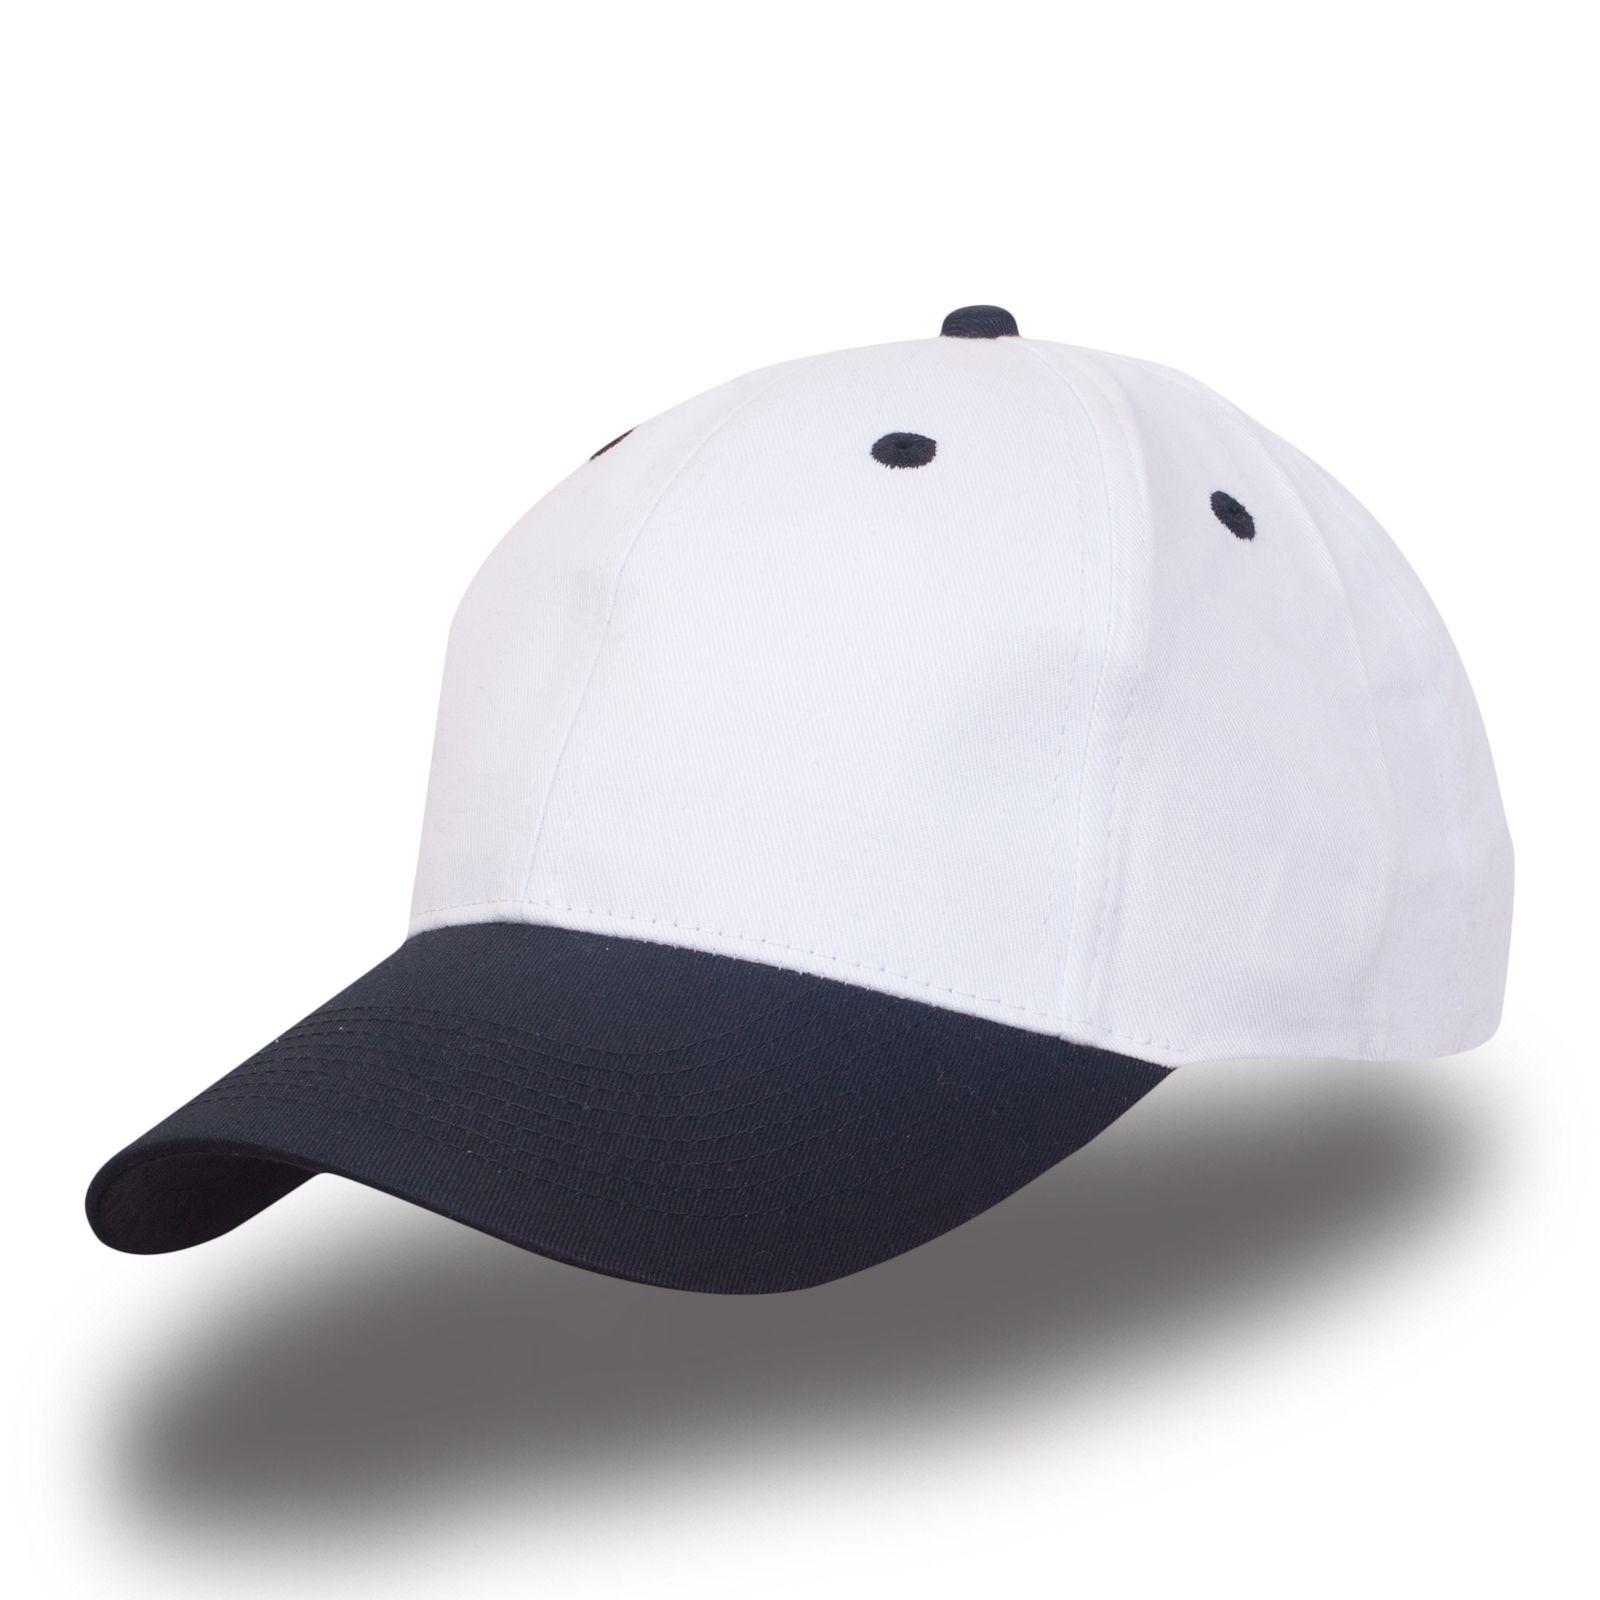 Бейсболка белая - купить в интернет-магазине с доставкой